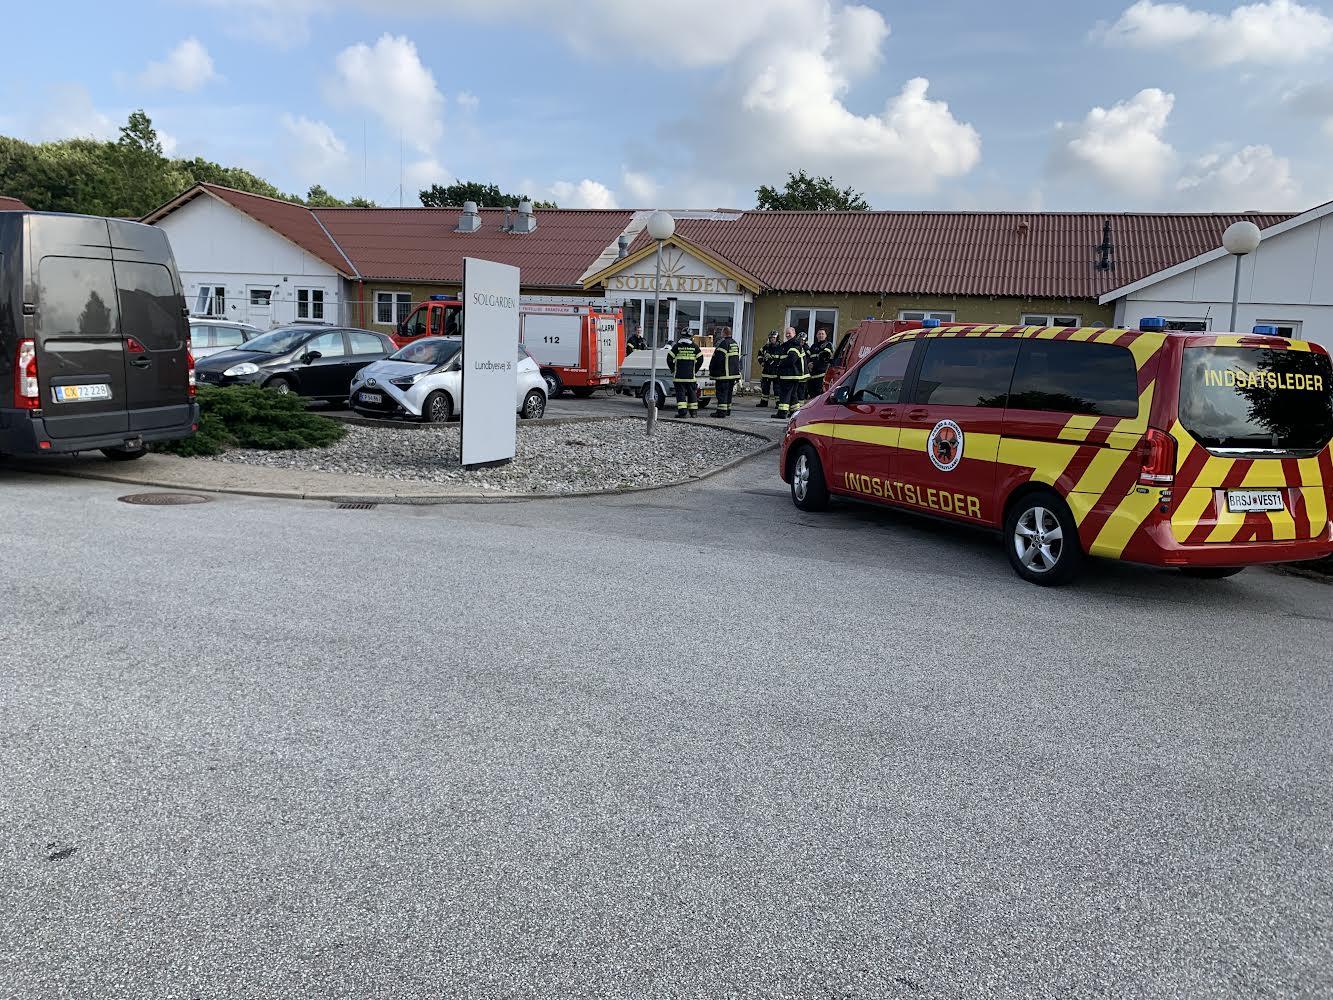 Aktiveret brandalarm på plejecenter i Bedsted